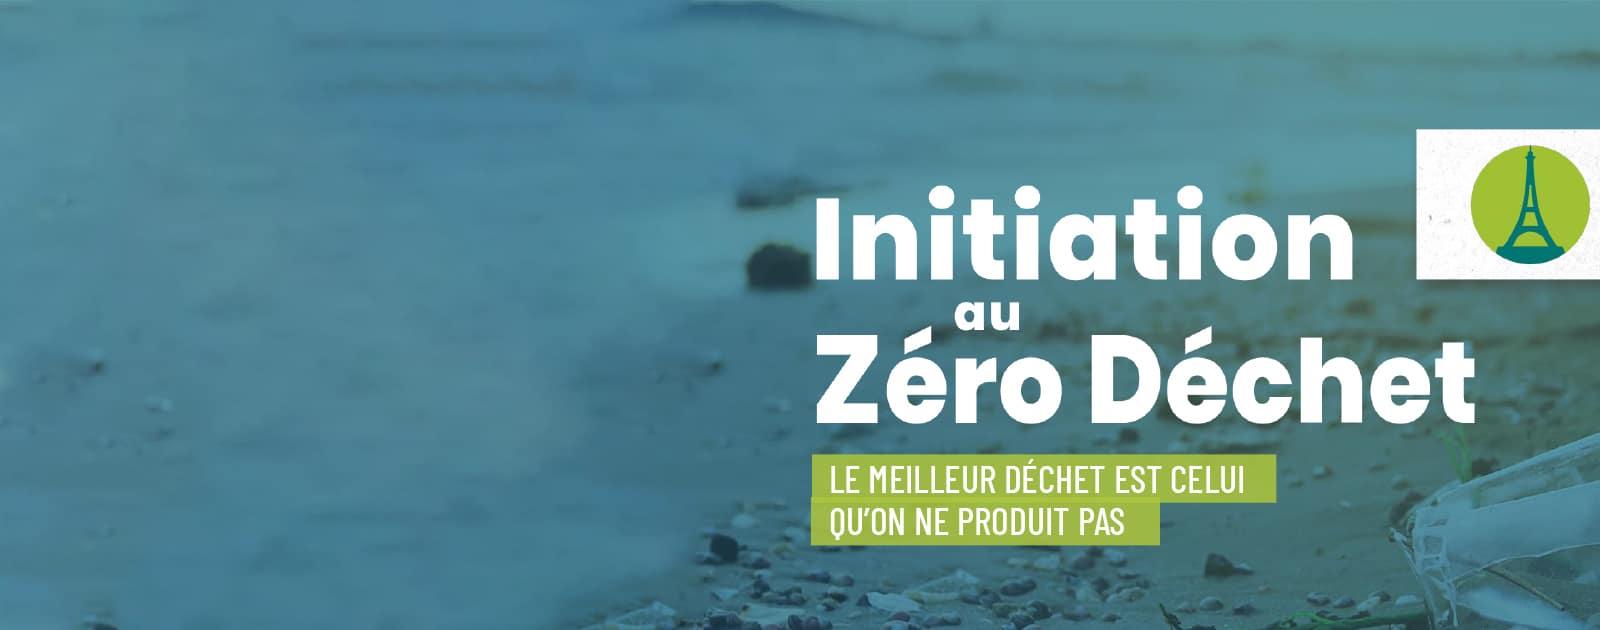 Initiation au Zero Déchet